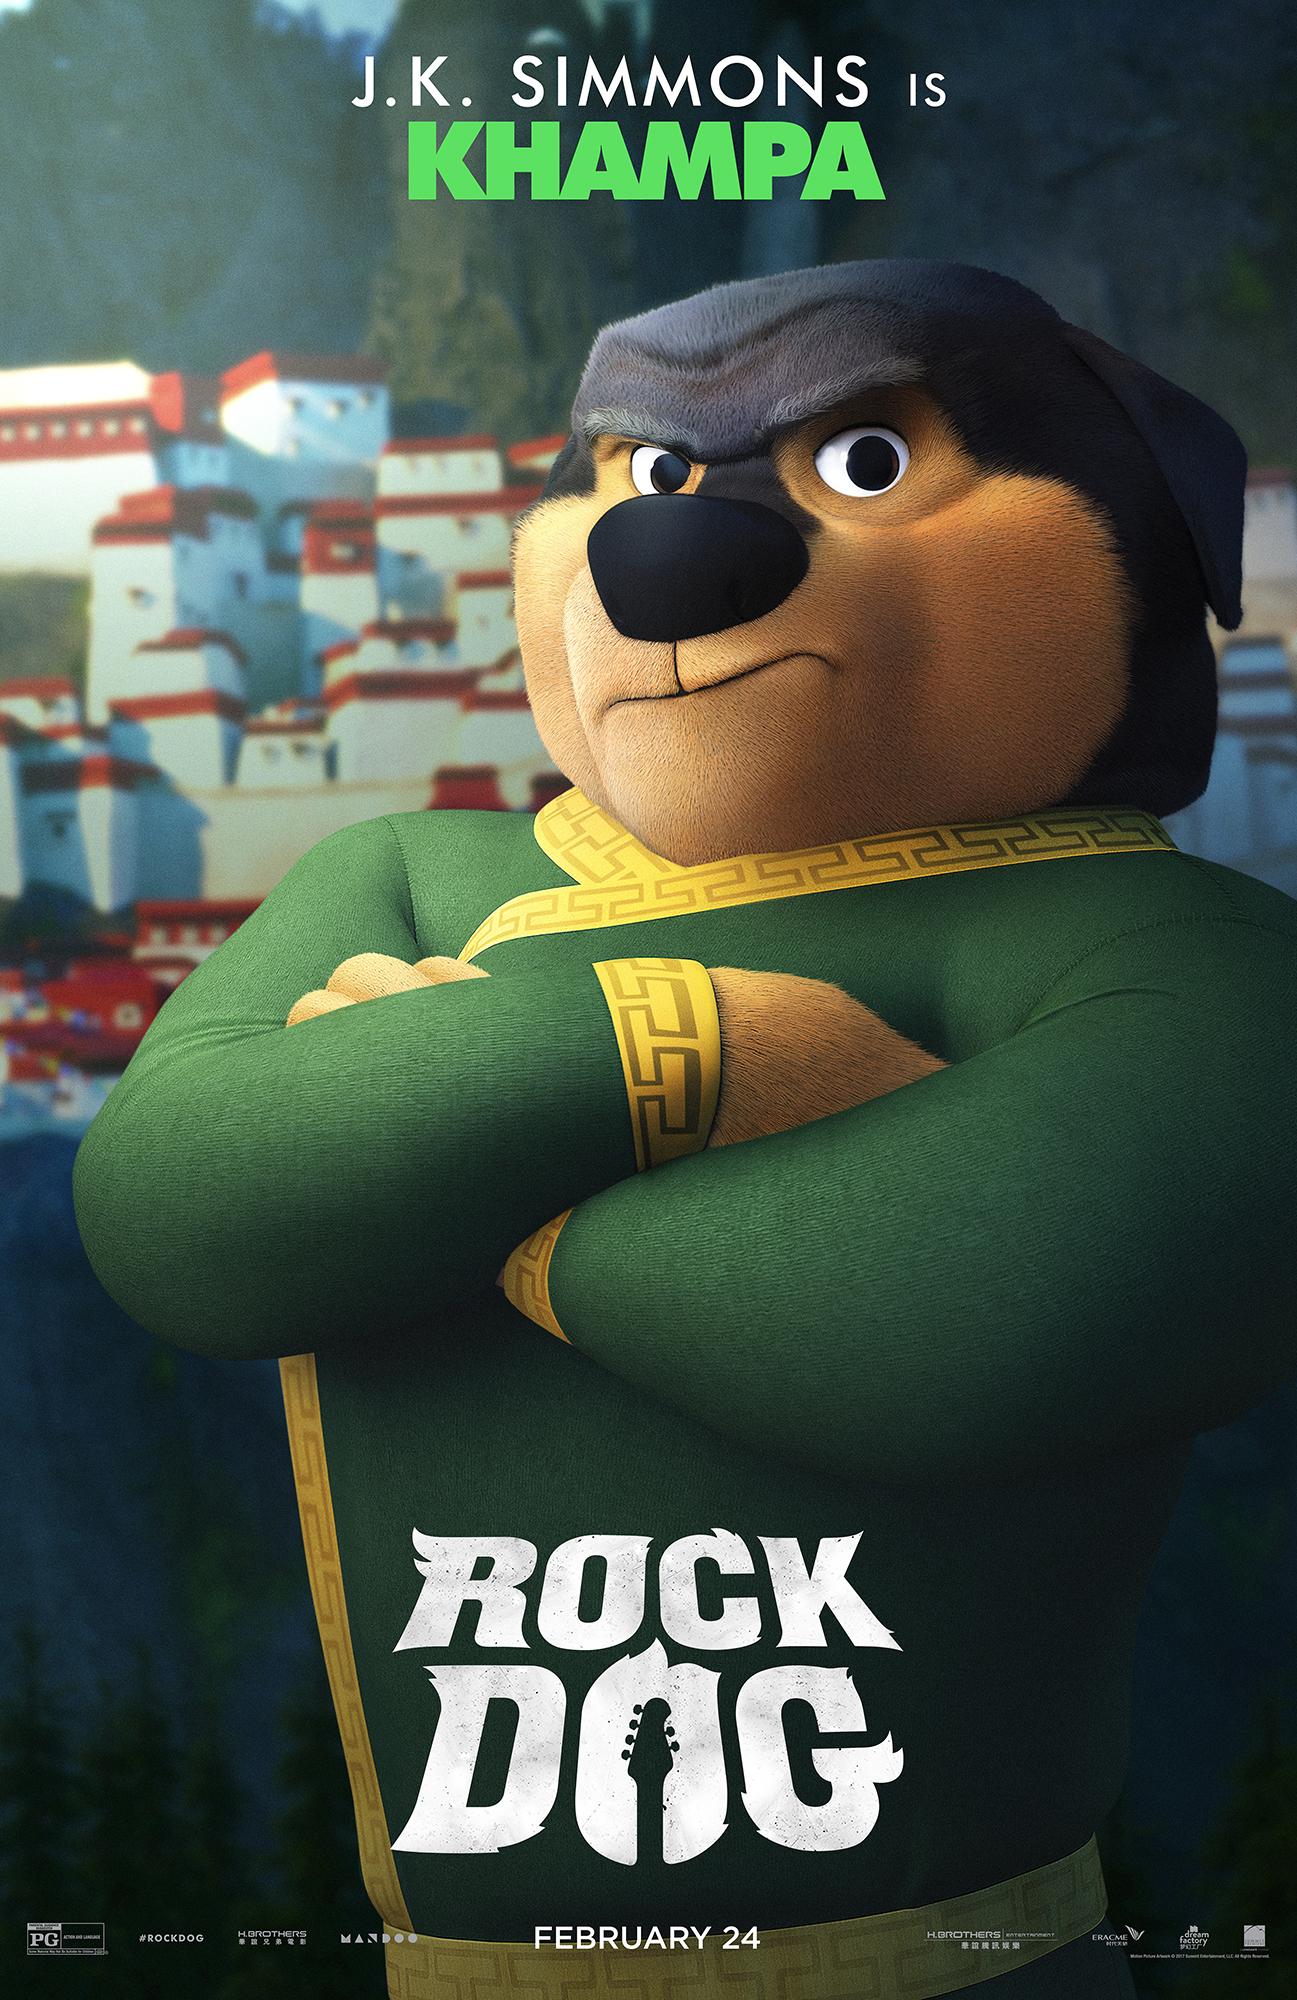 RockDog_1Sht_Khampa_VF_100dpi.jpg